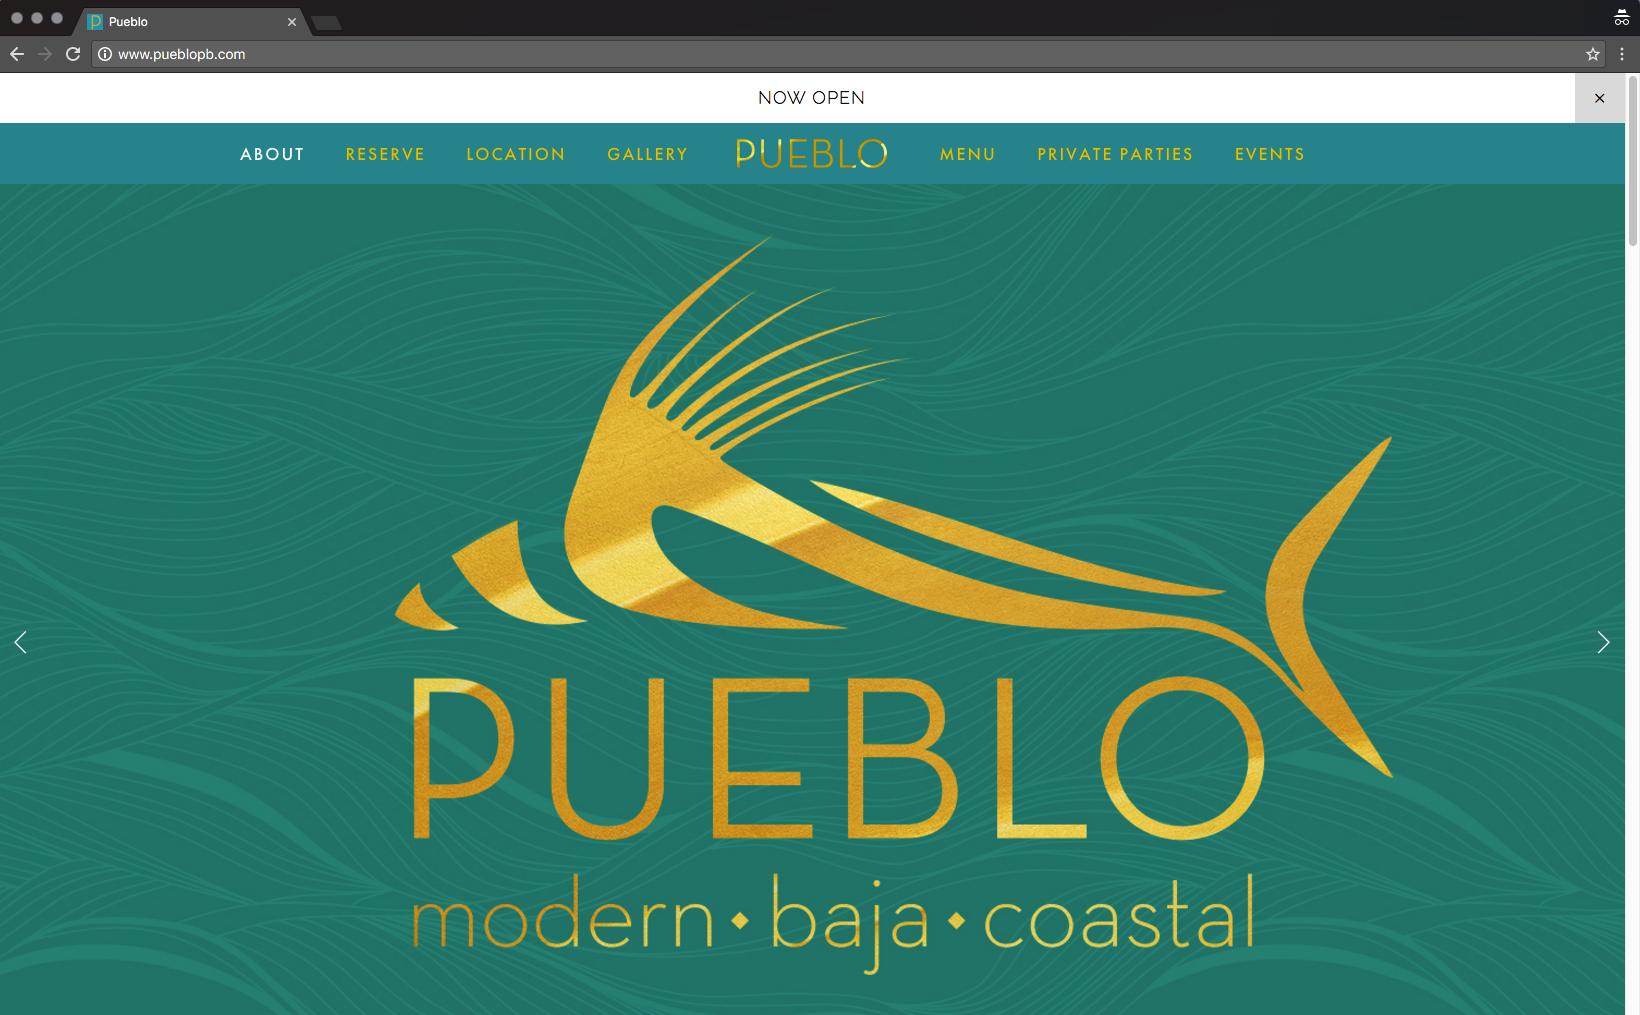 The Pueblo logo, tagline and colors.